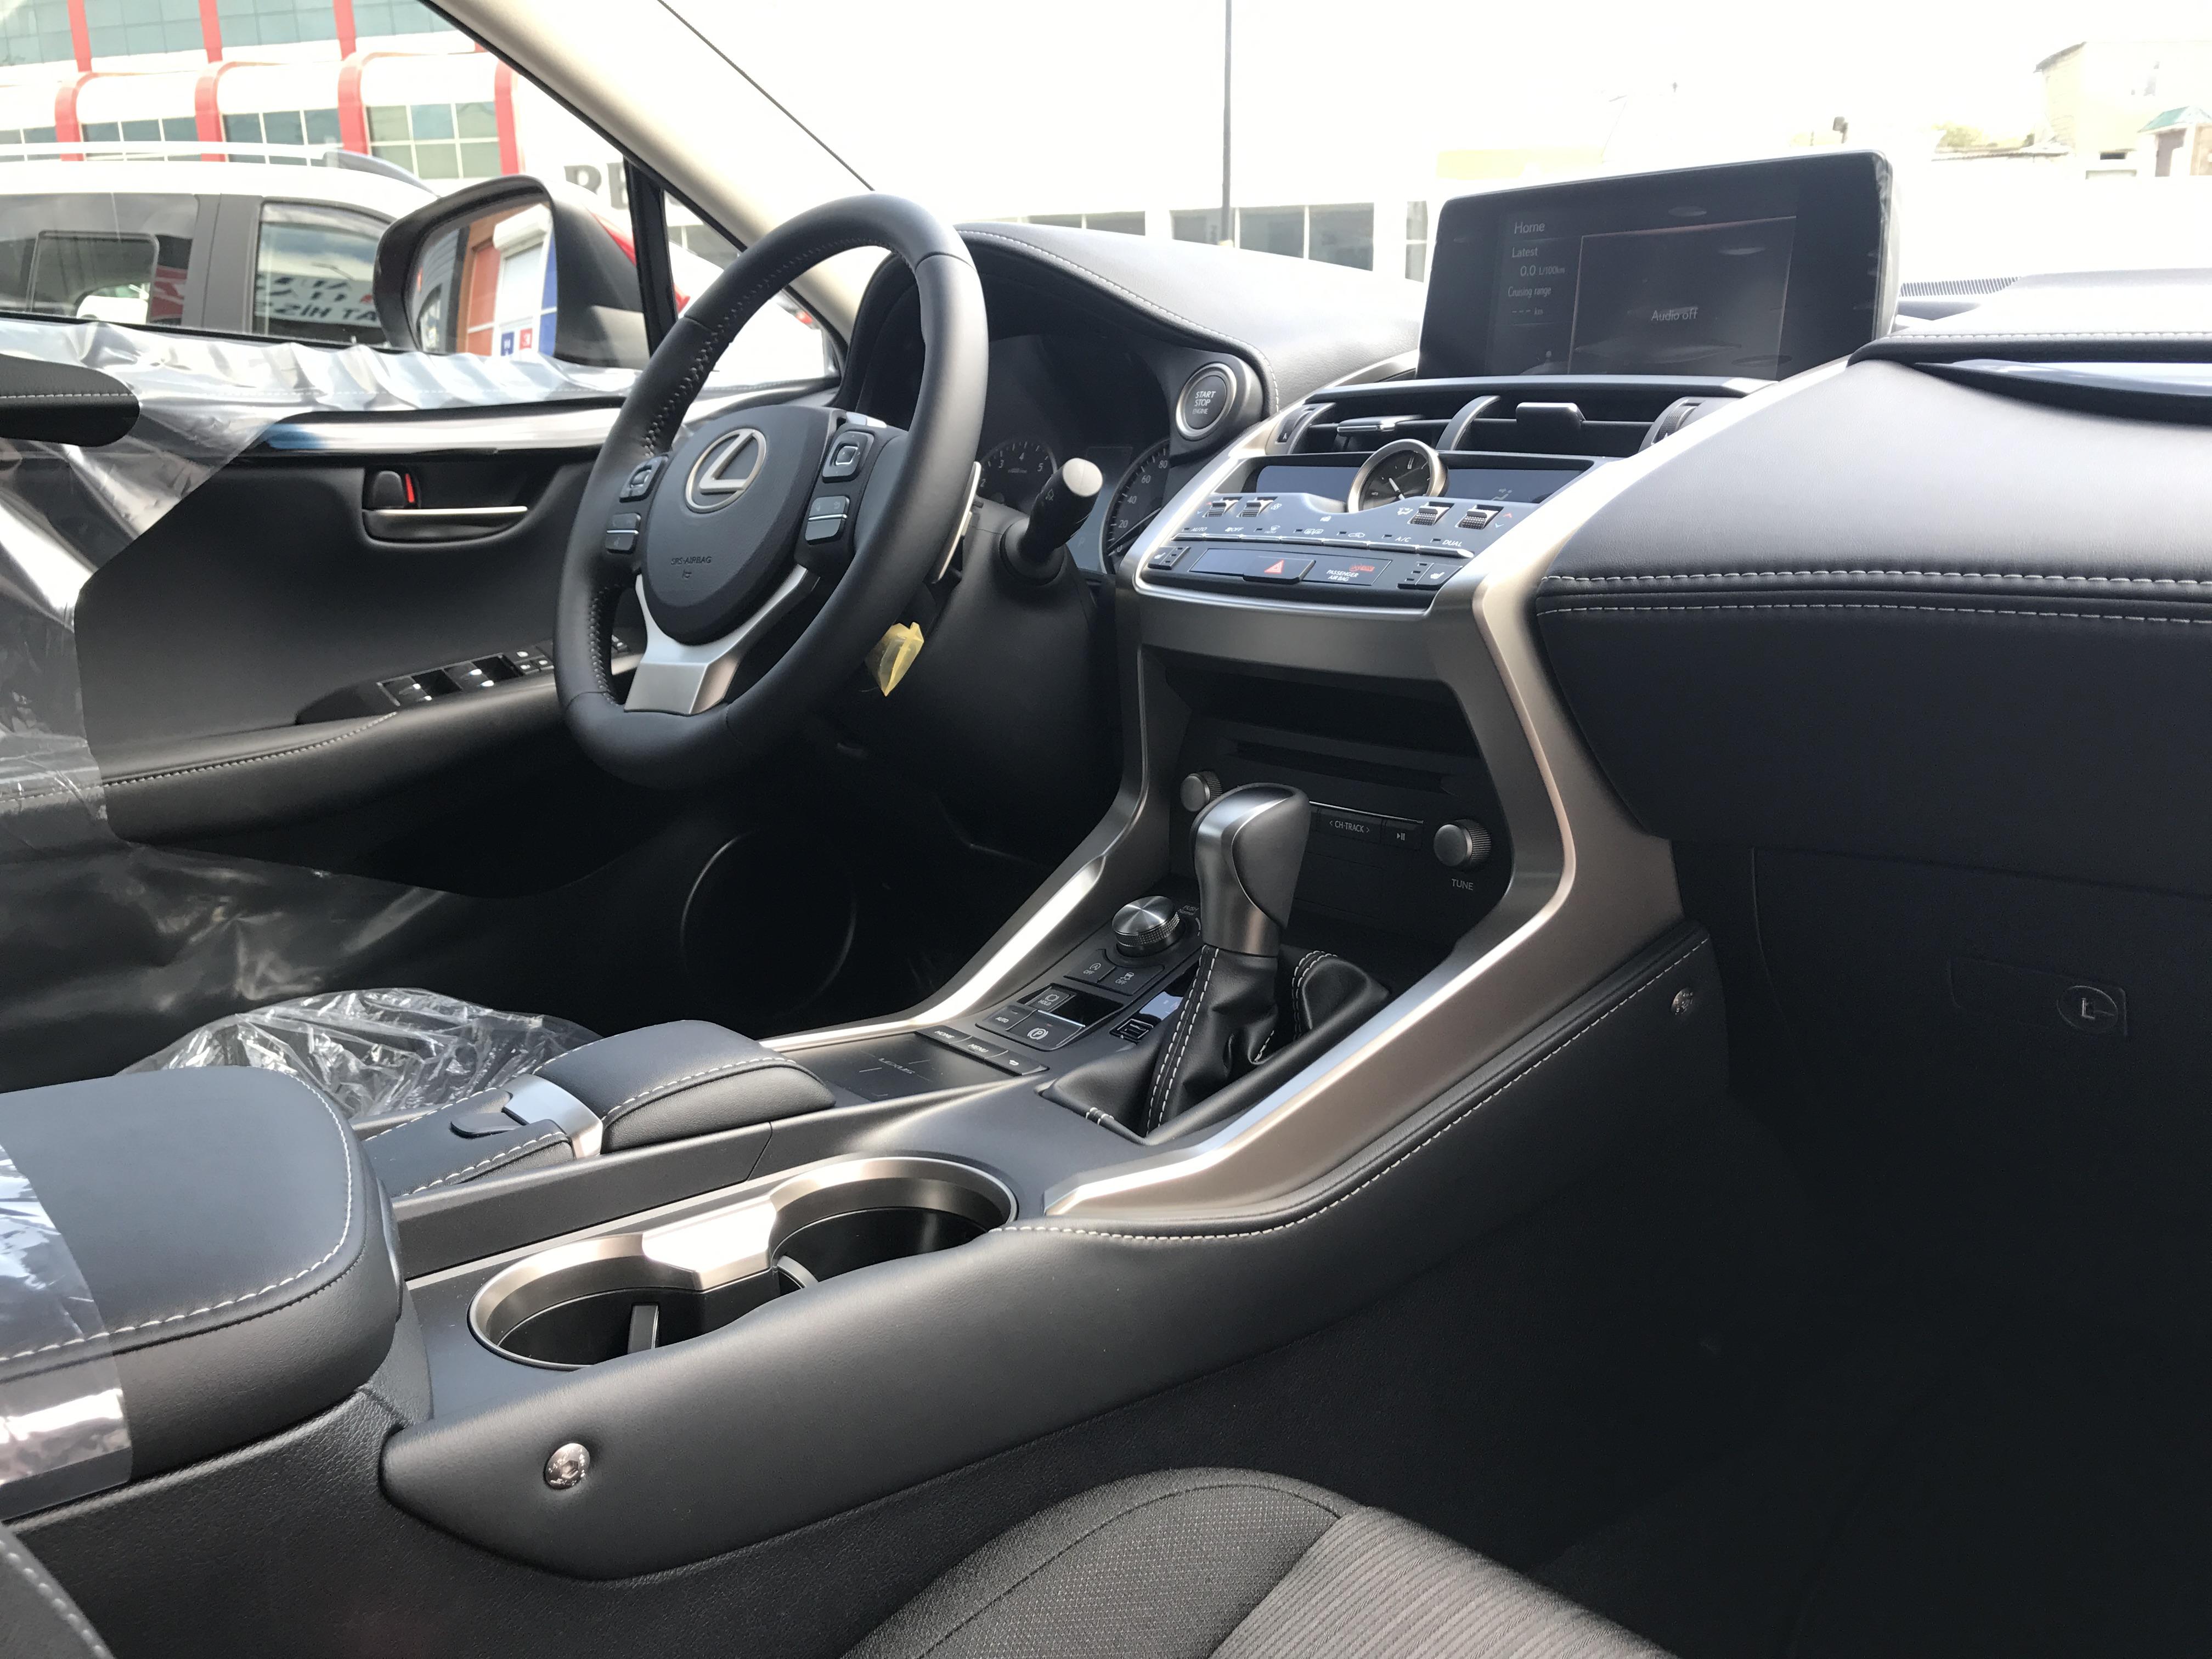 Lexus NX 200 2.0(lt) 2019 Новый автомобиль  $41500